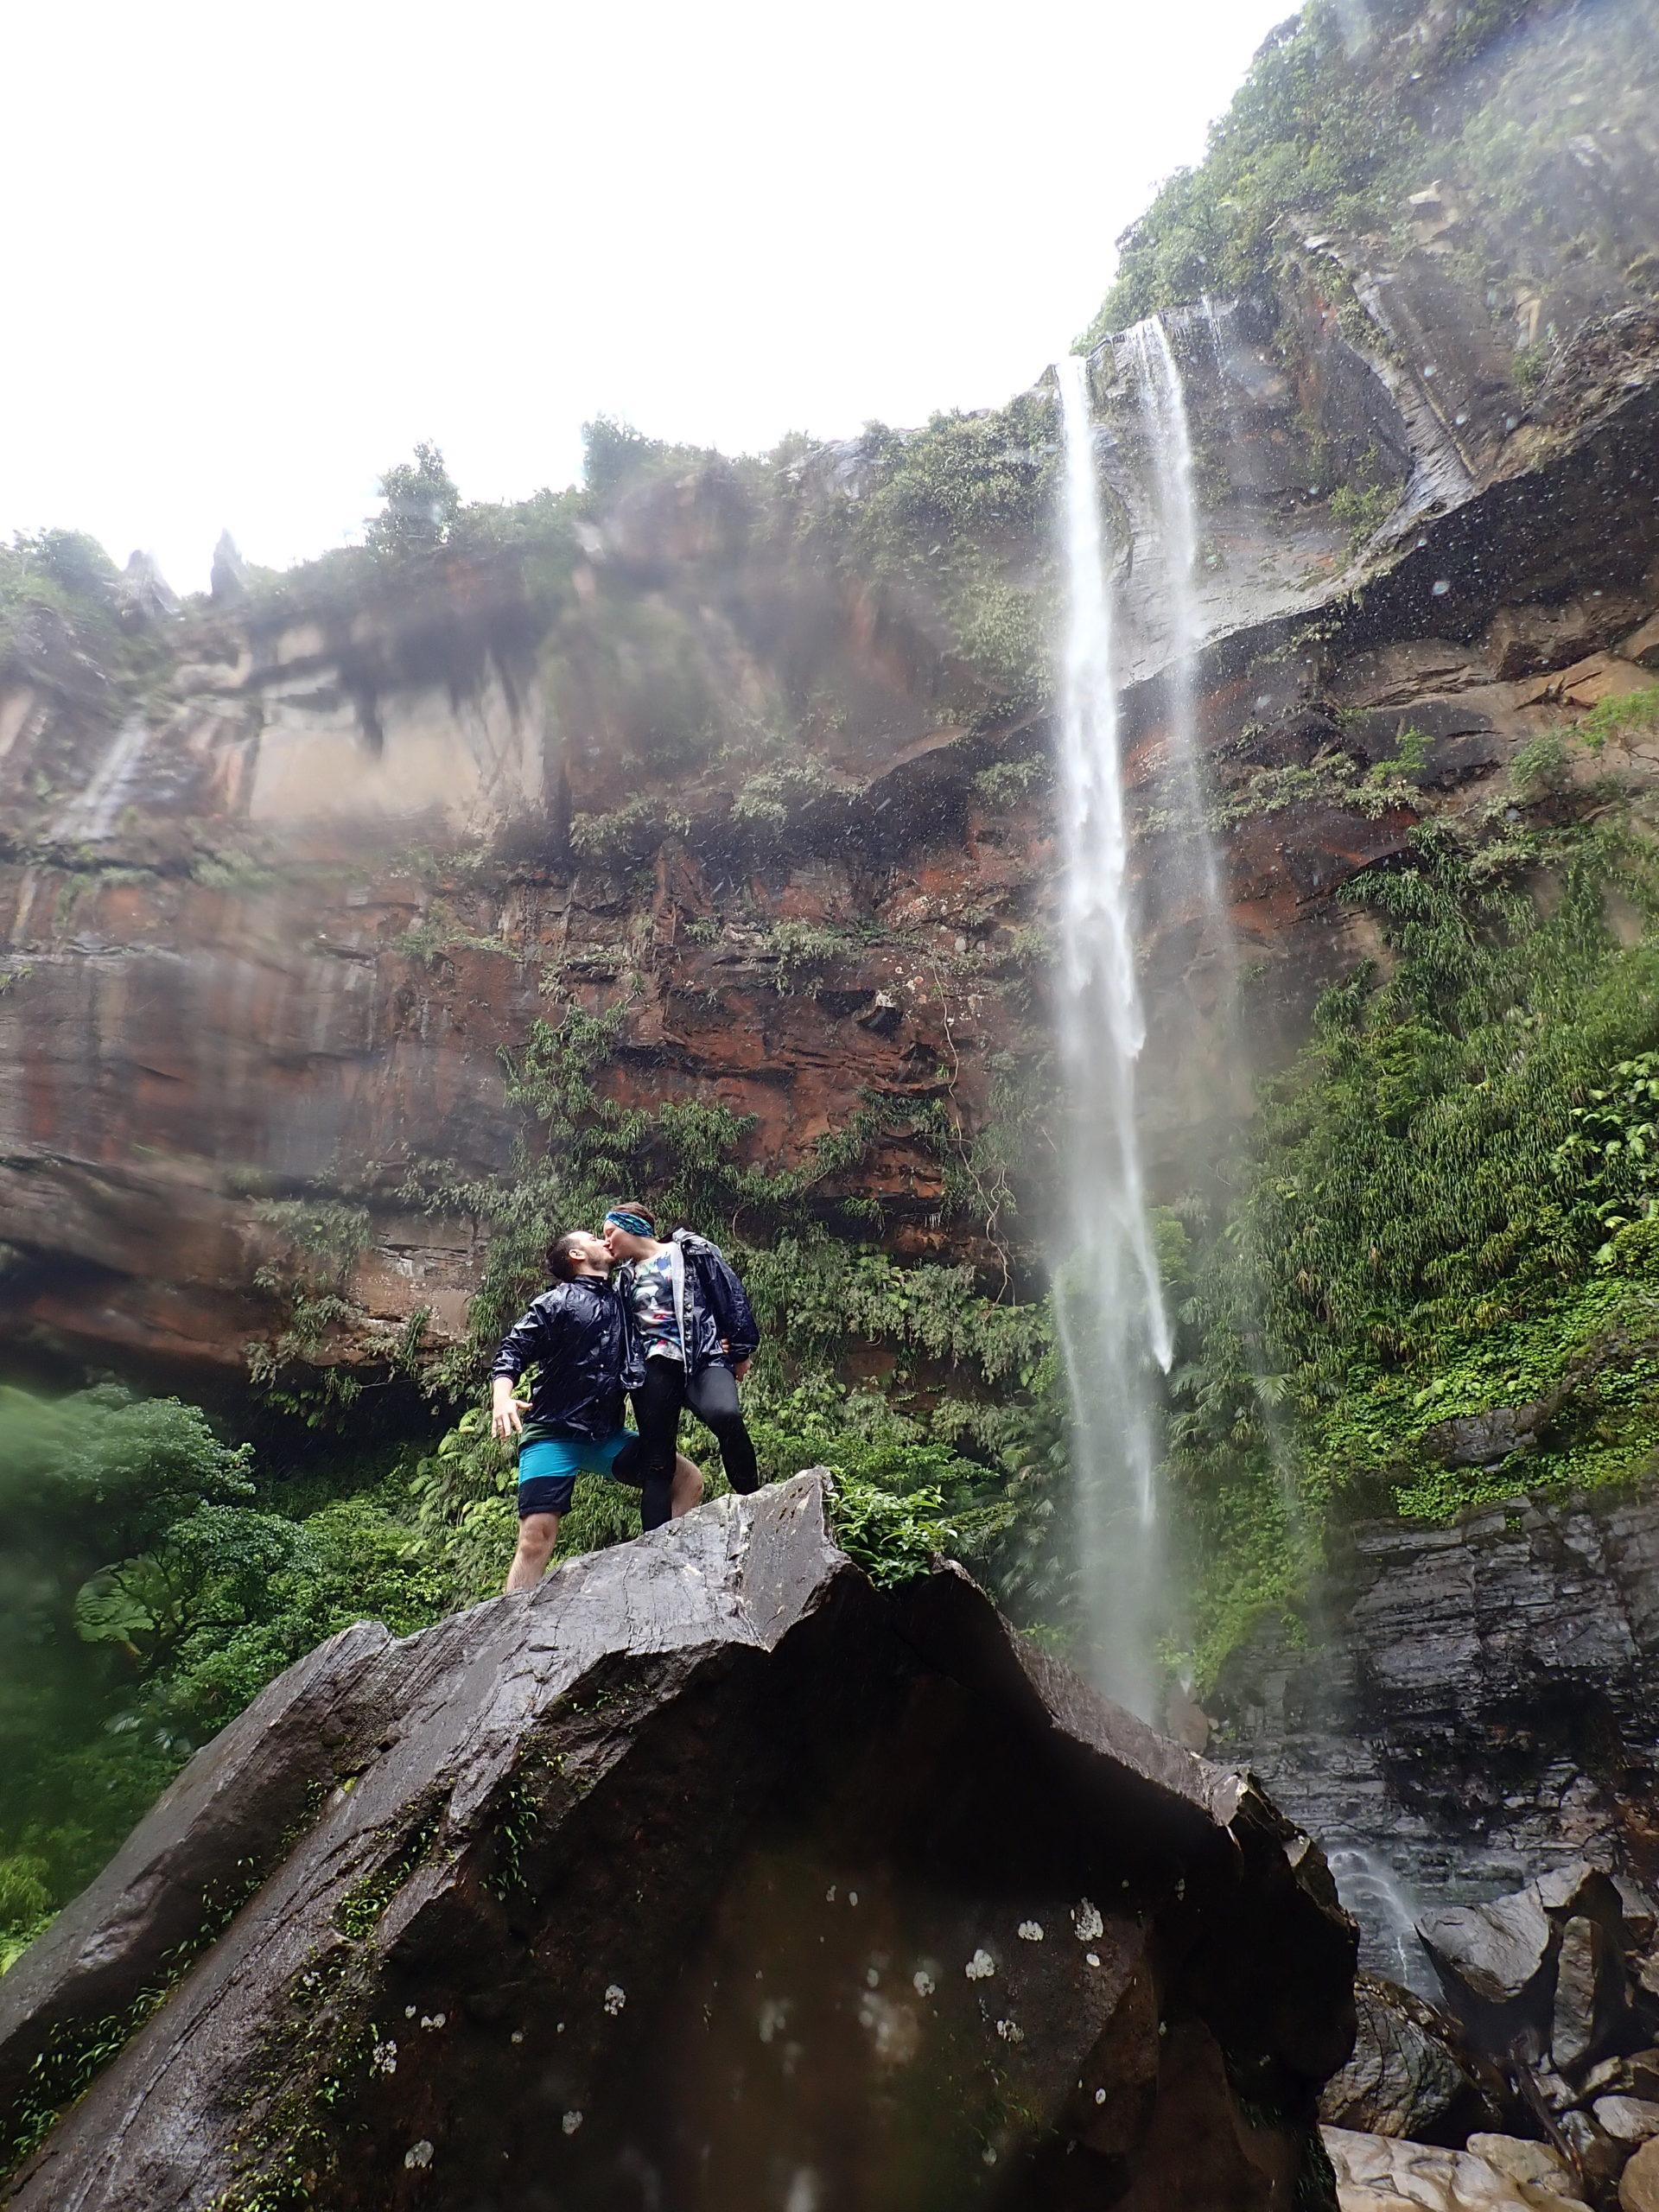 世界に誇れる西表島の大自然!ピナイサーラの滝カヌーツアー